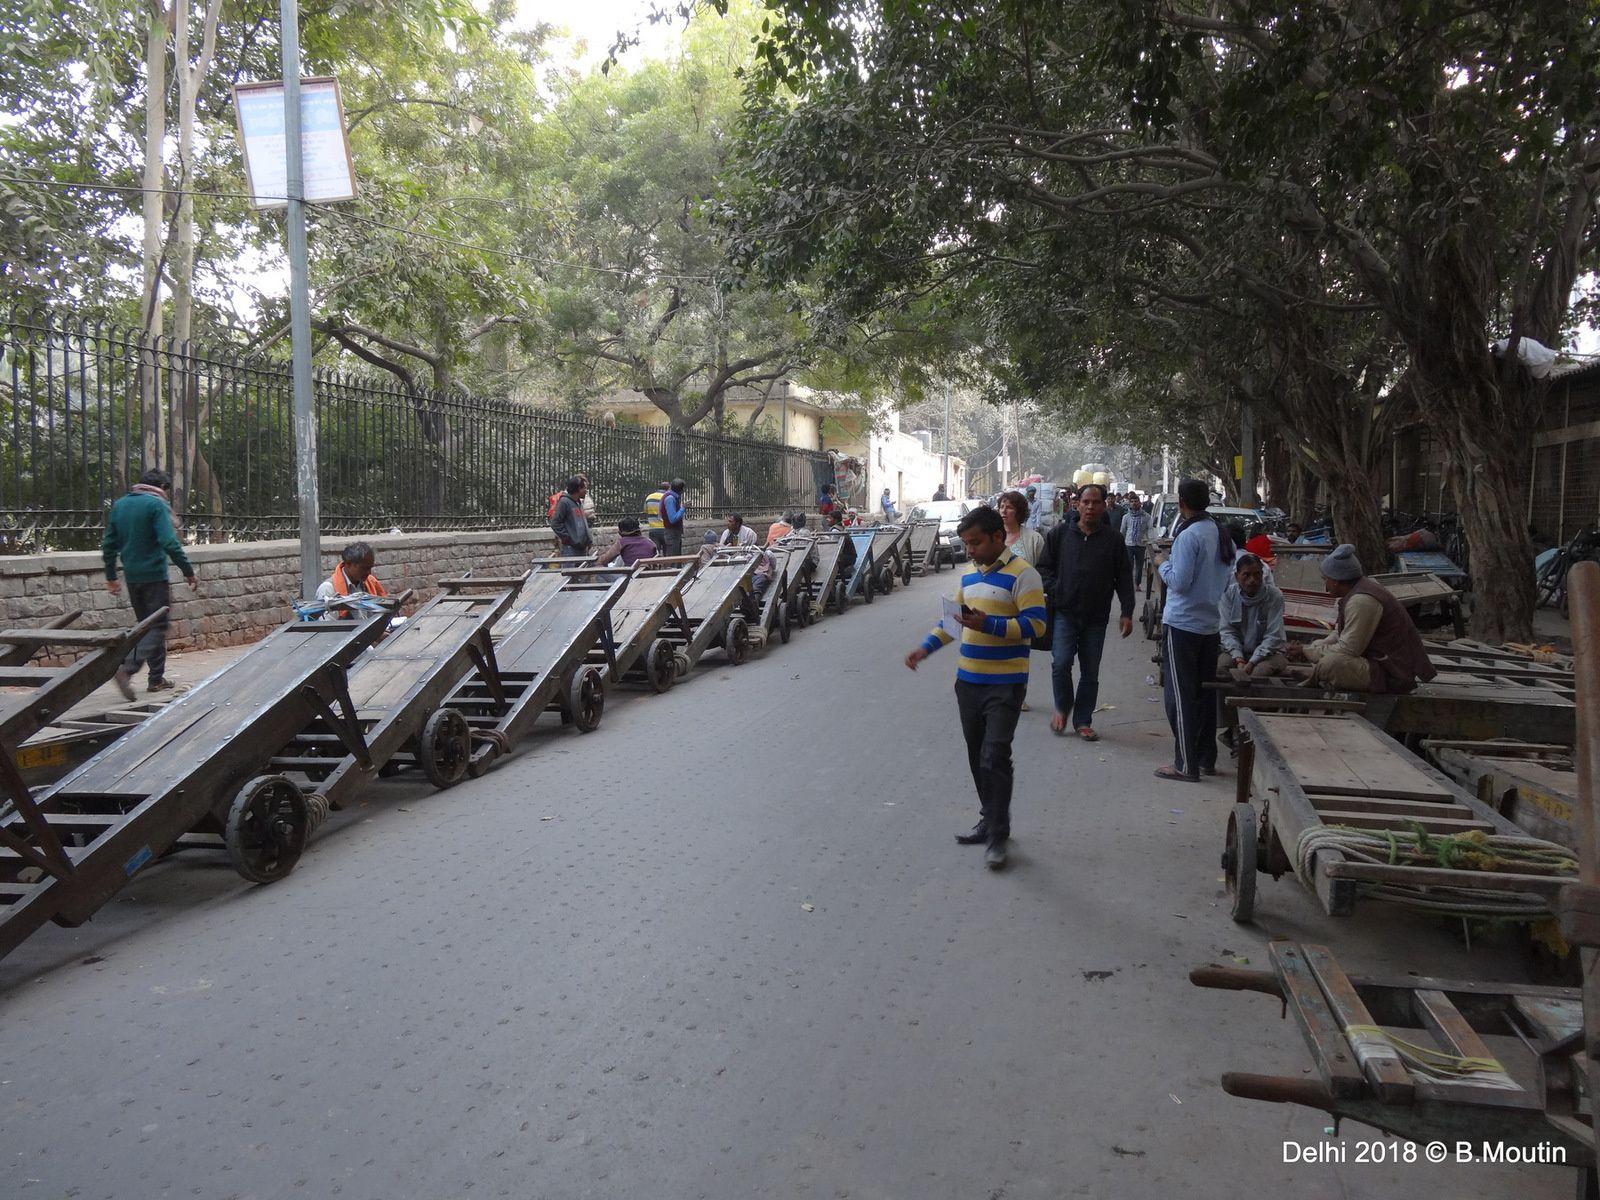 Delhi, des conditions de circulation (et d'embouteillage) spectaculaires (en 11 photos à cliquer)